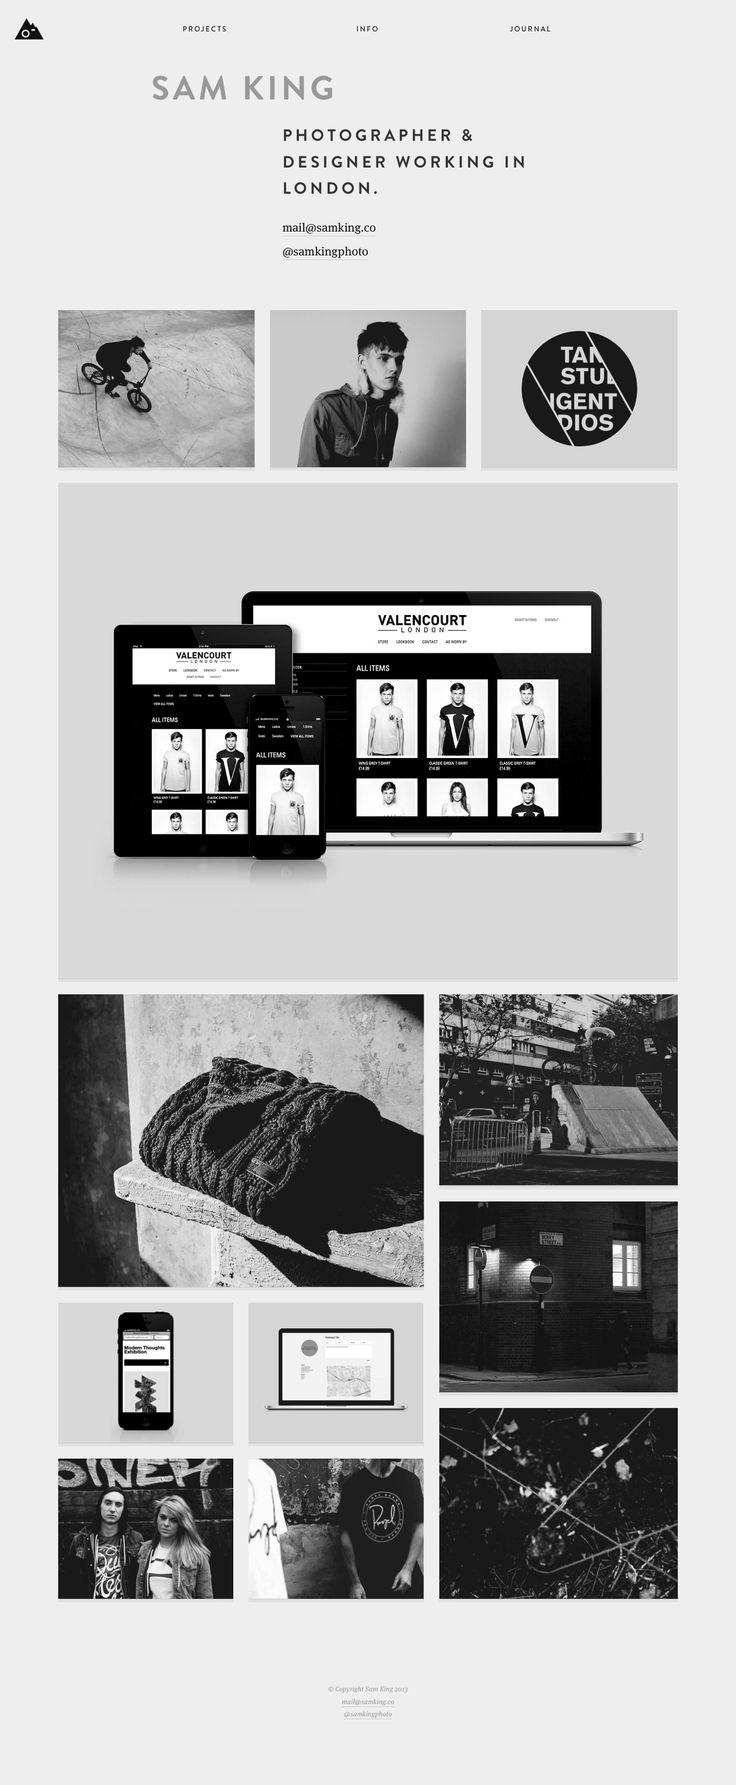 Sam King's online portfolio. Lovely responsive website.